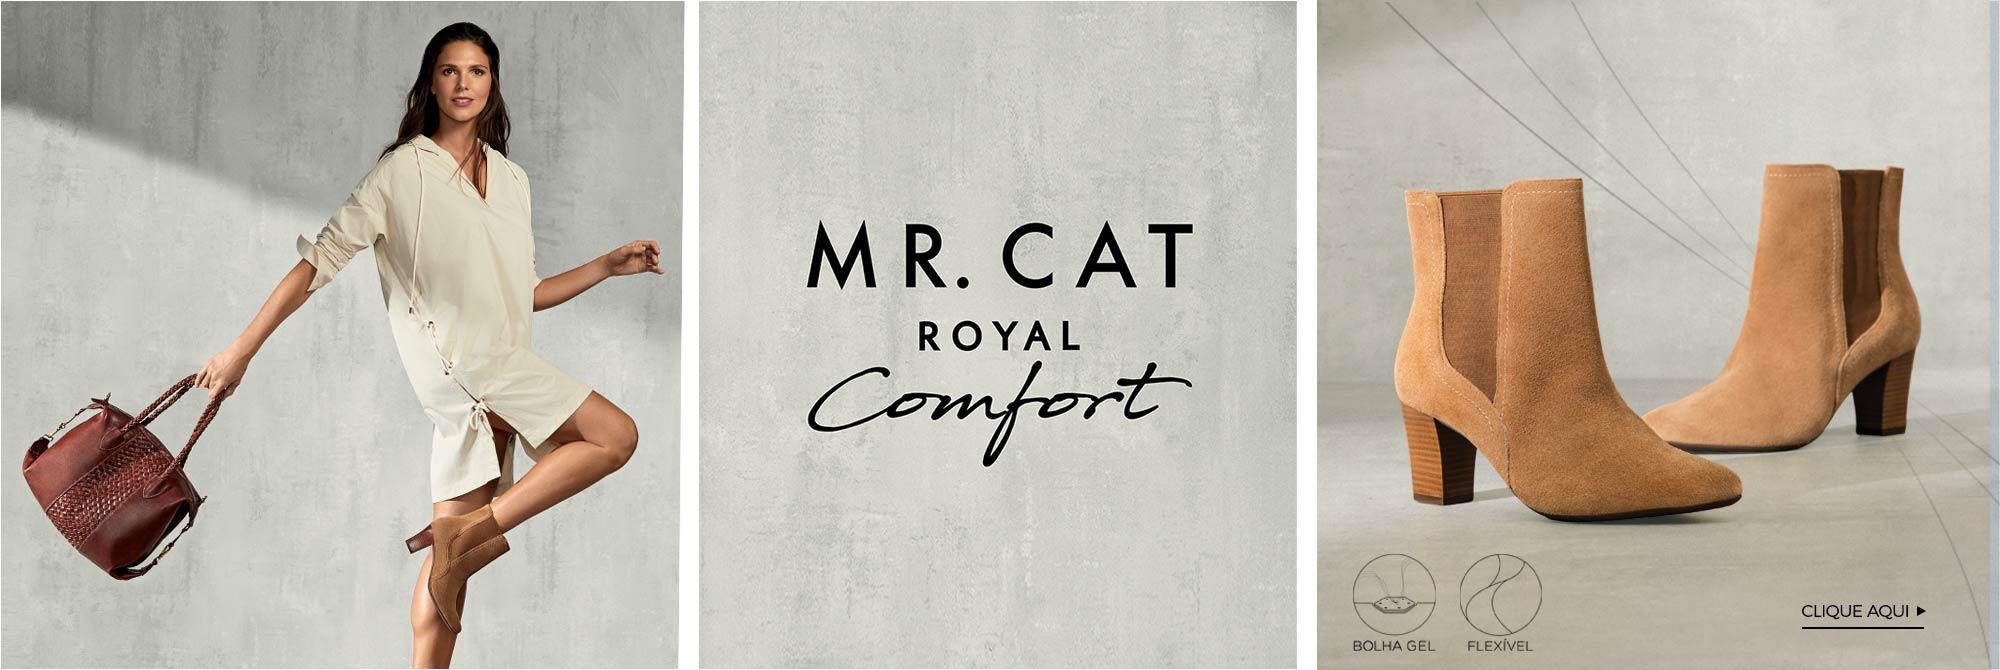 daf1320332 Mr. Cat